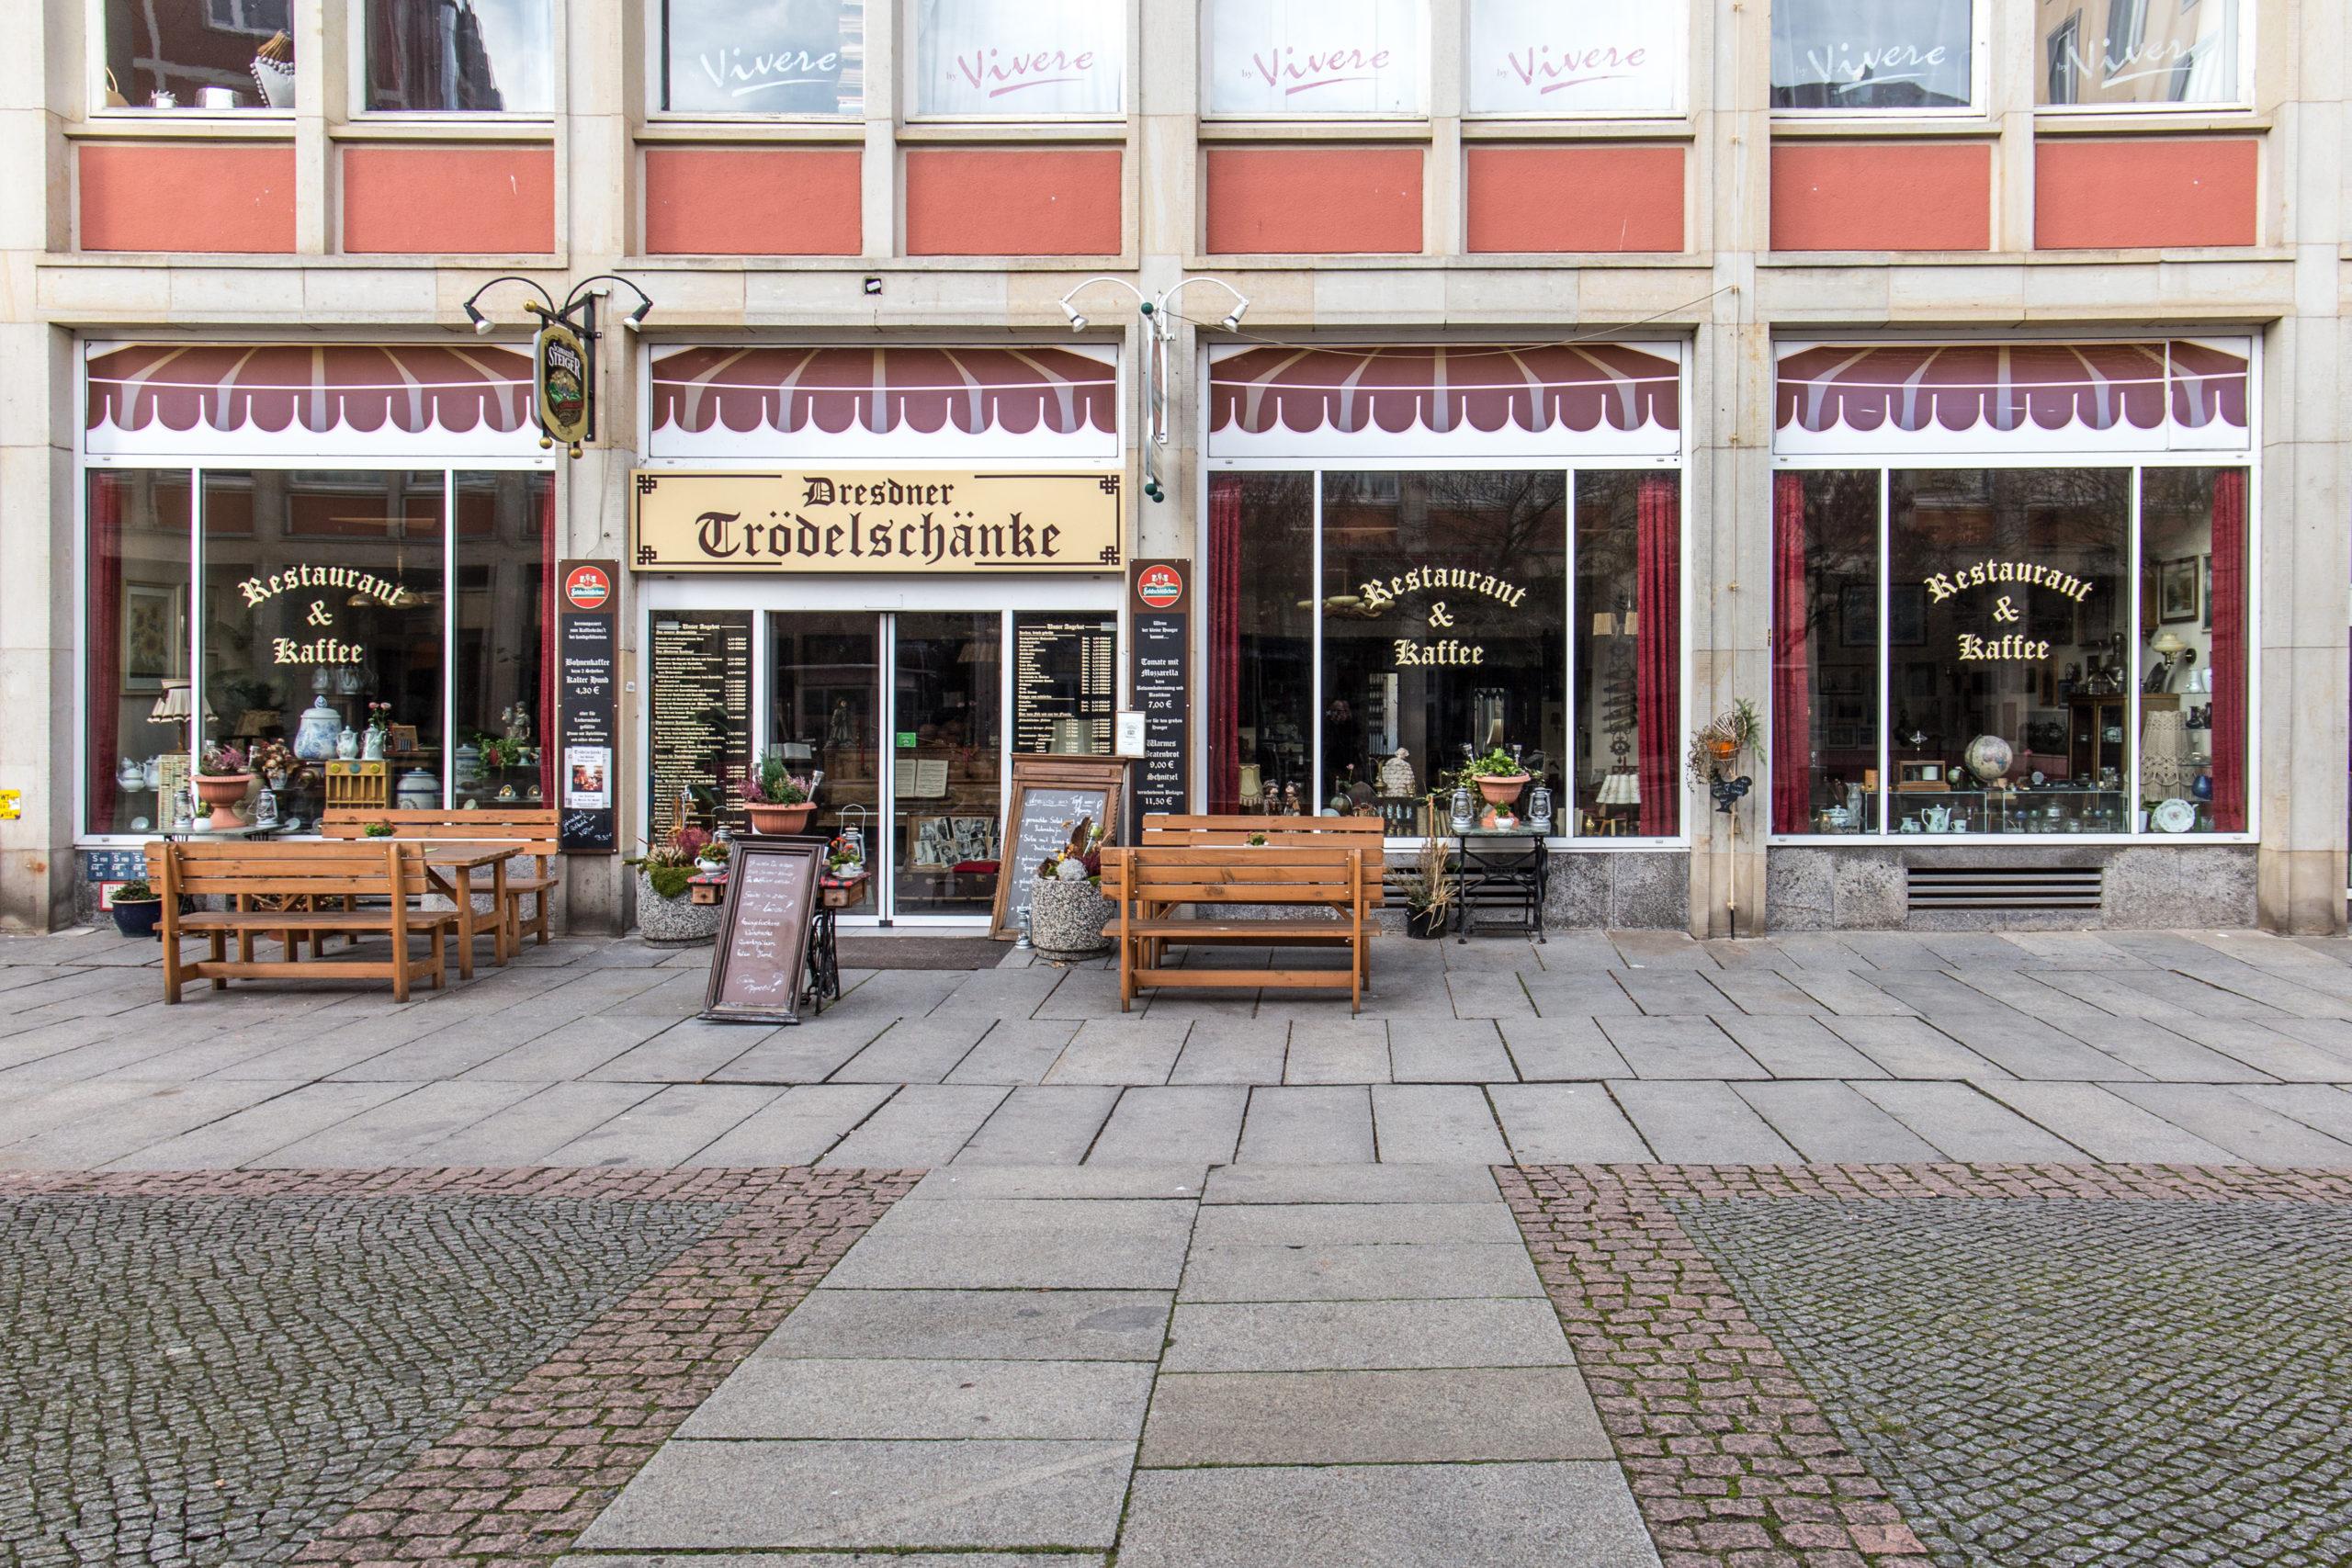 Dresdner Trödelschänke